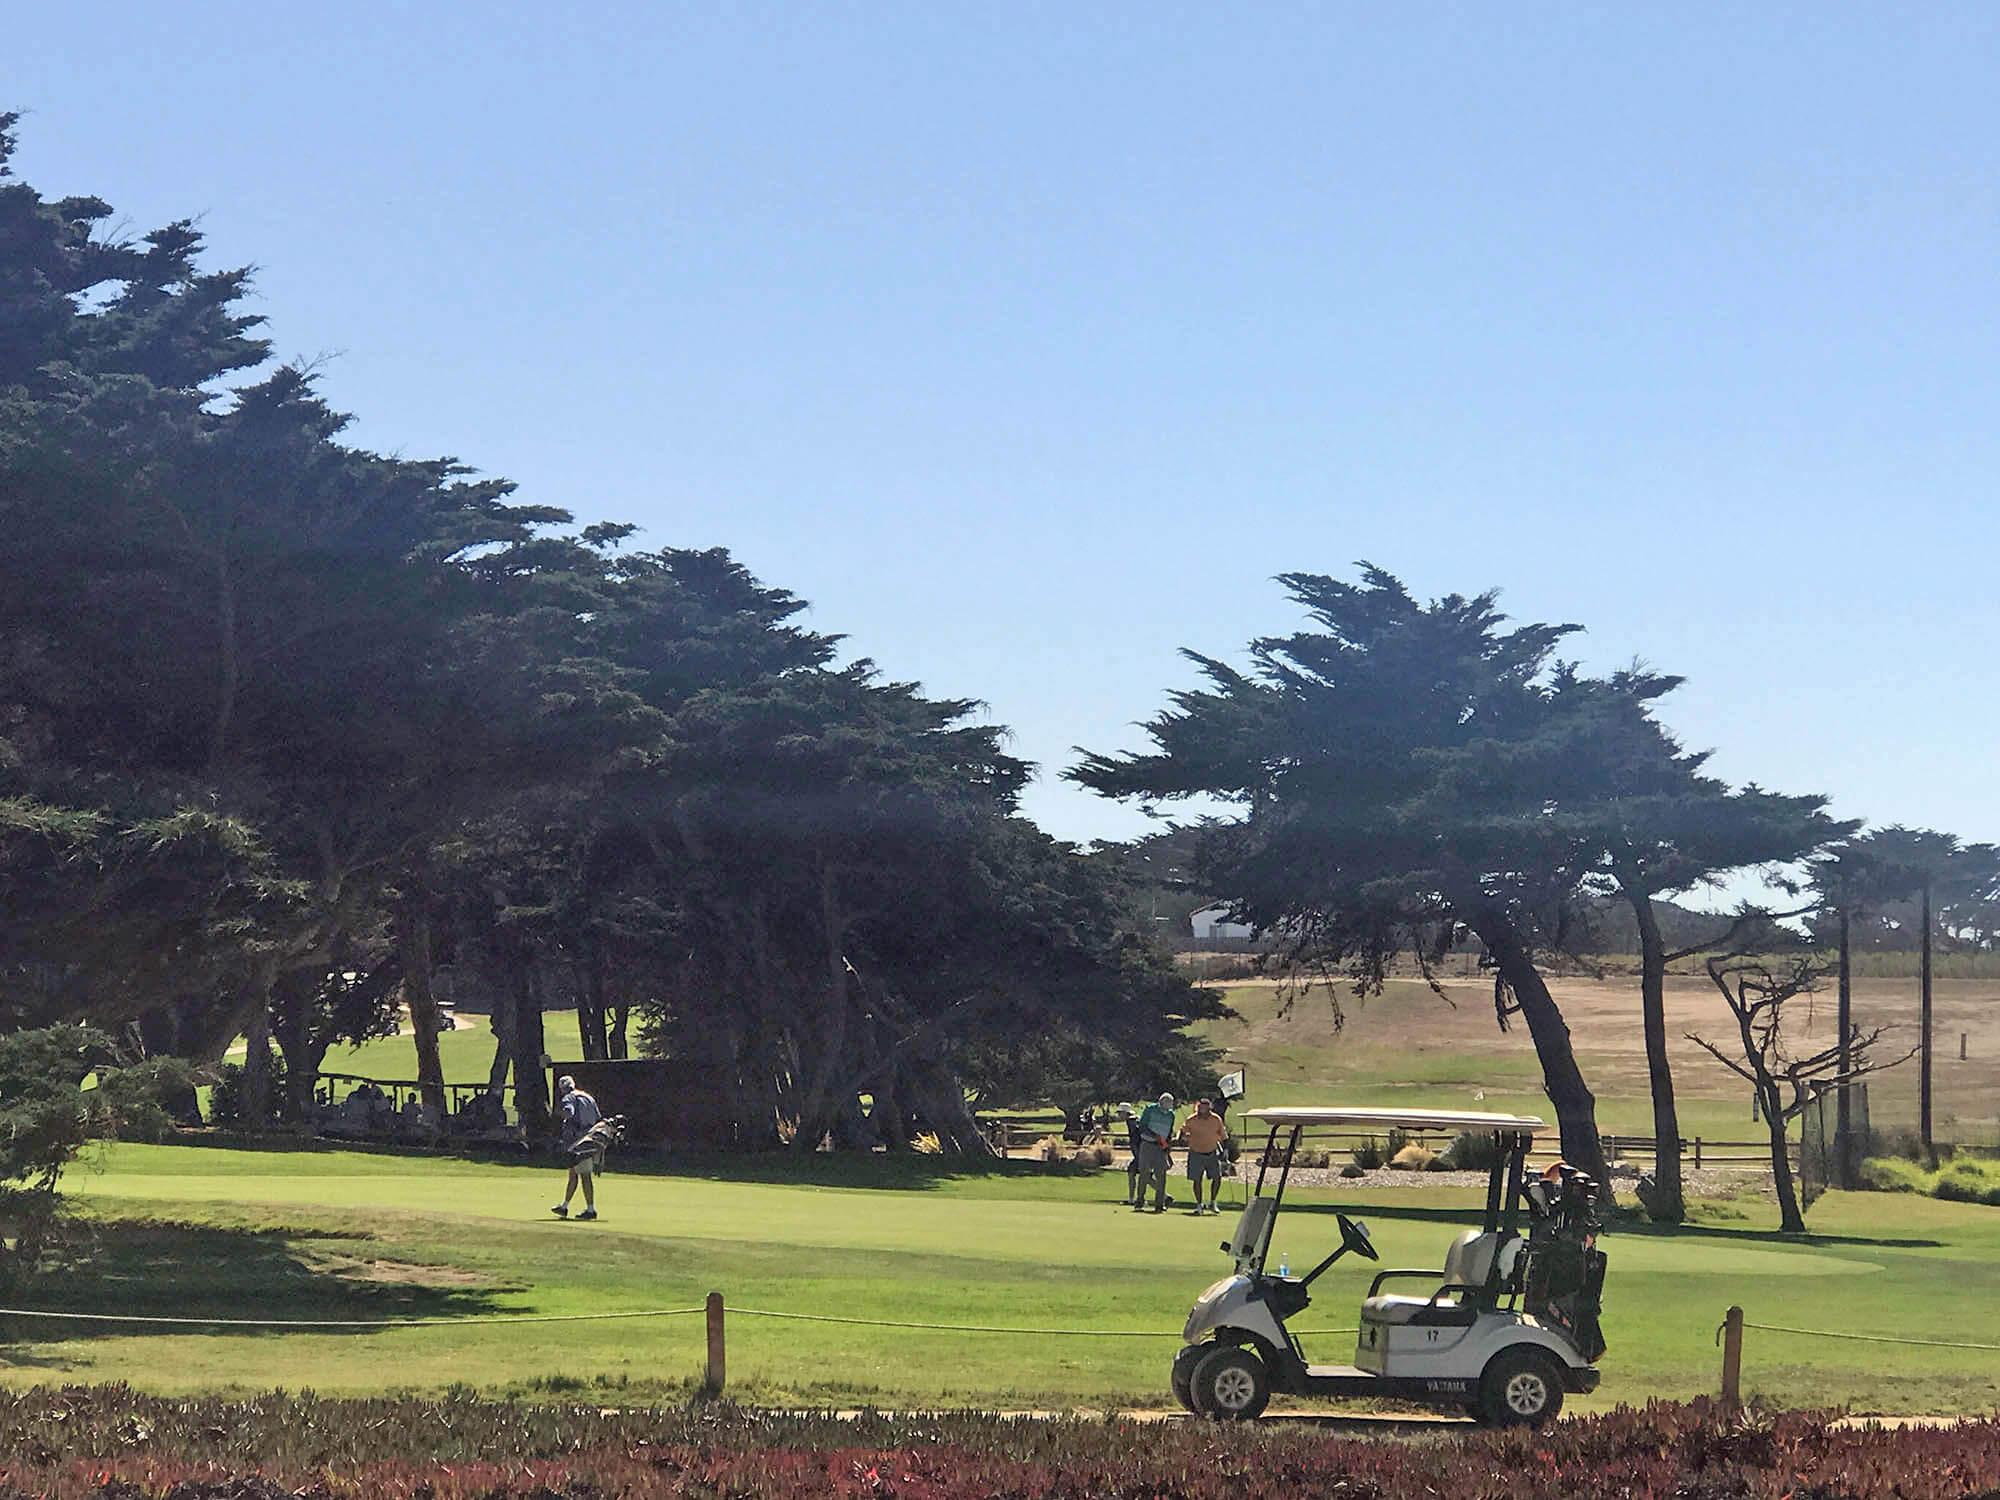 Еще здесь очень популярен гольф. В окрестностях Салинаса много полей для гольфа, все они огромные